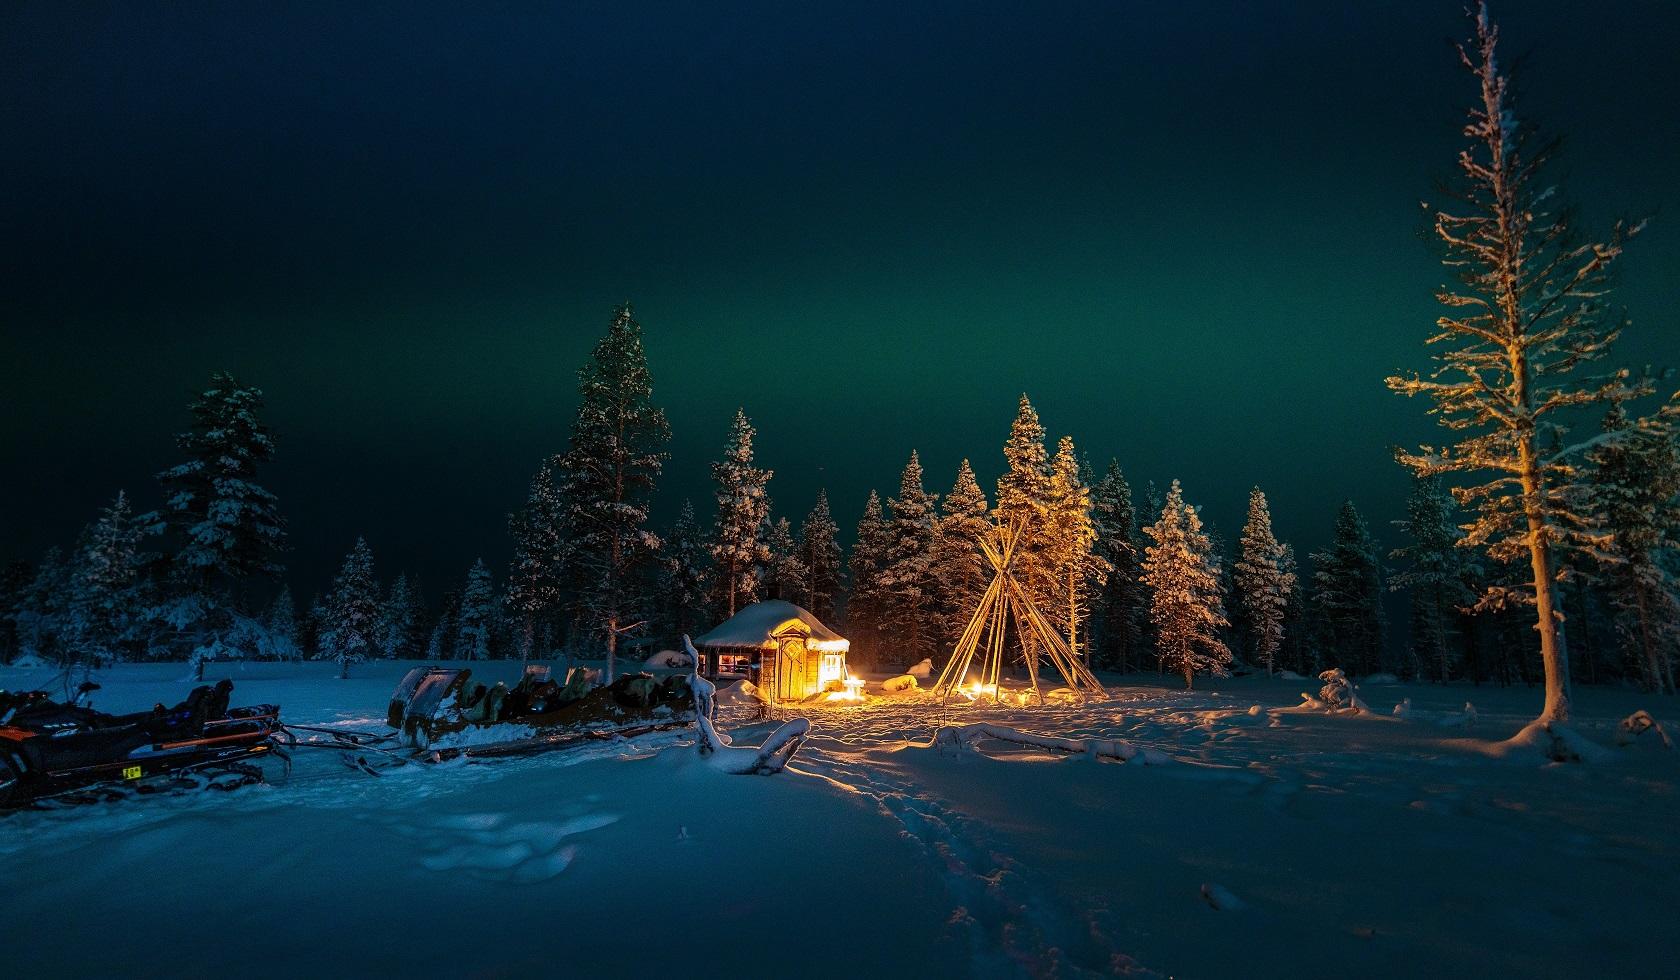 Aurora Camp NortherLights wildernesshotels RESIZED